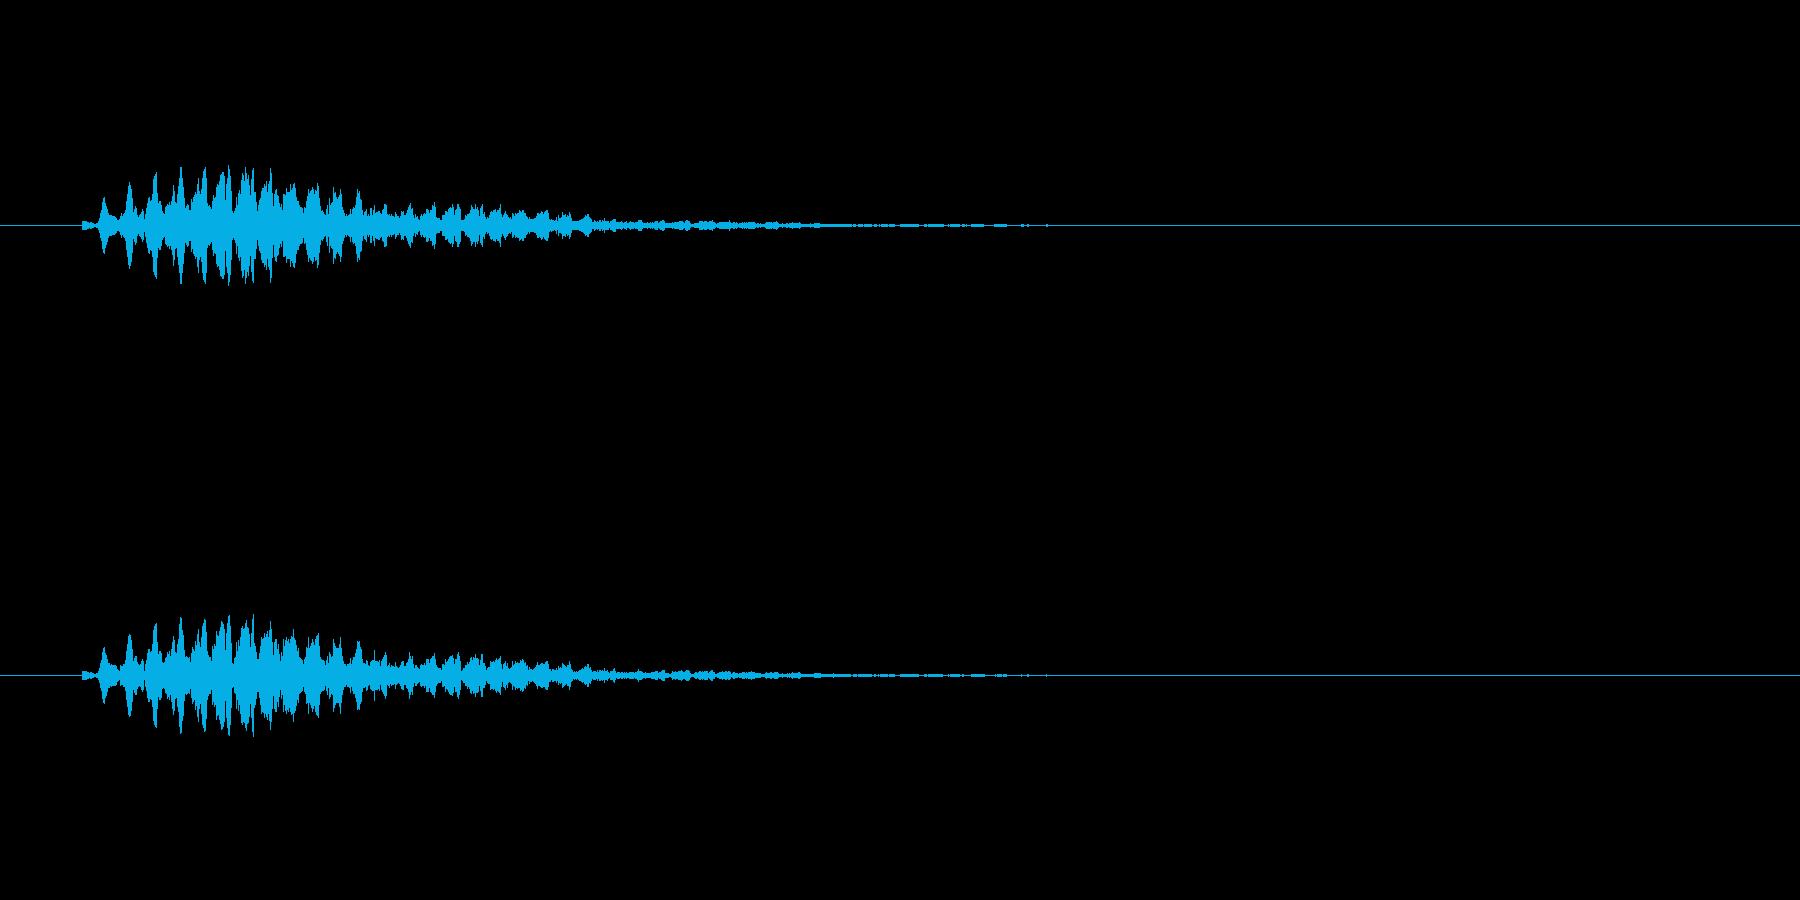 【ショートブリッジ12-6】の再生済みの波形